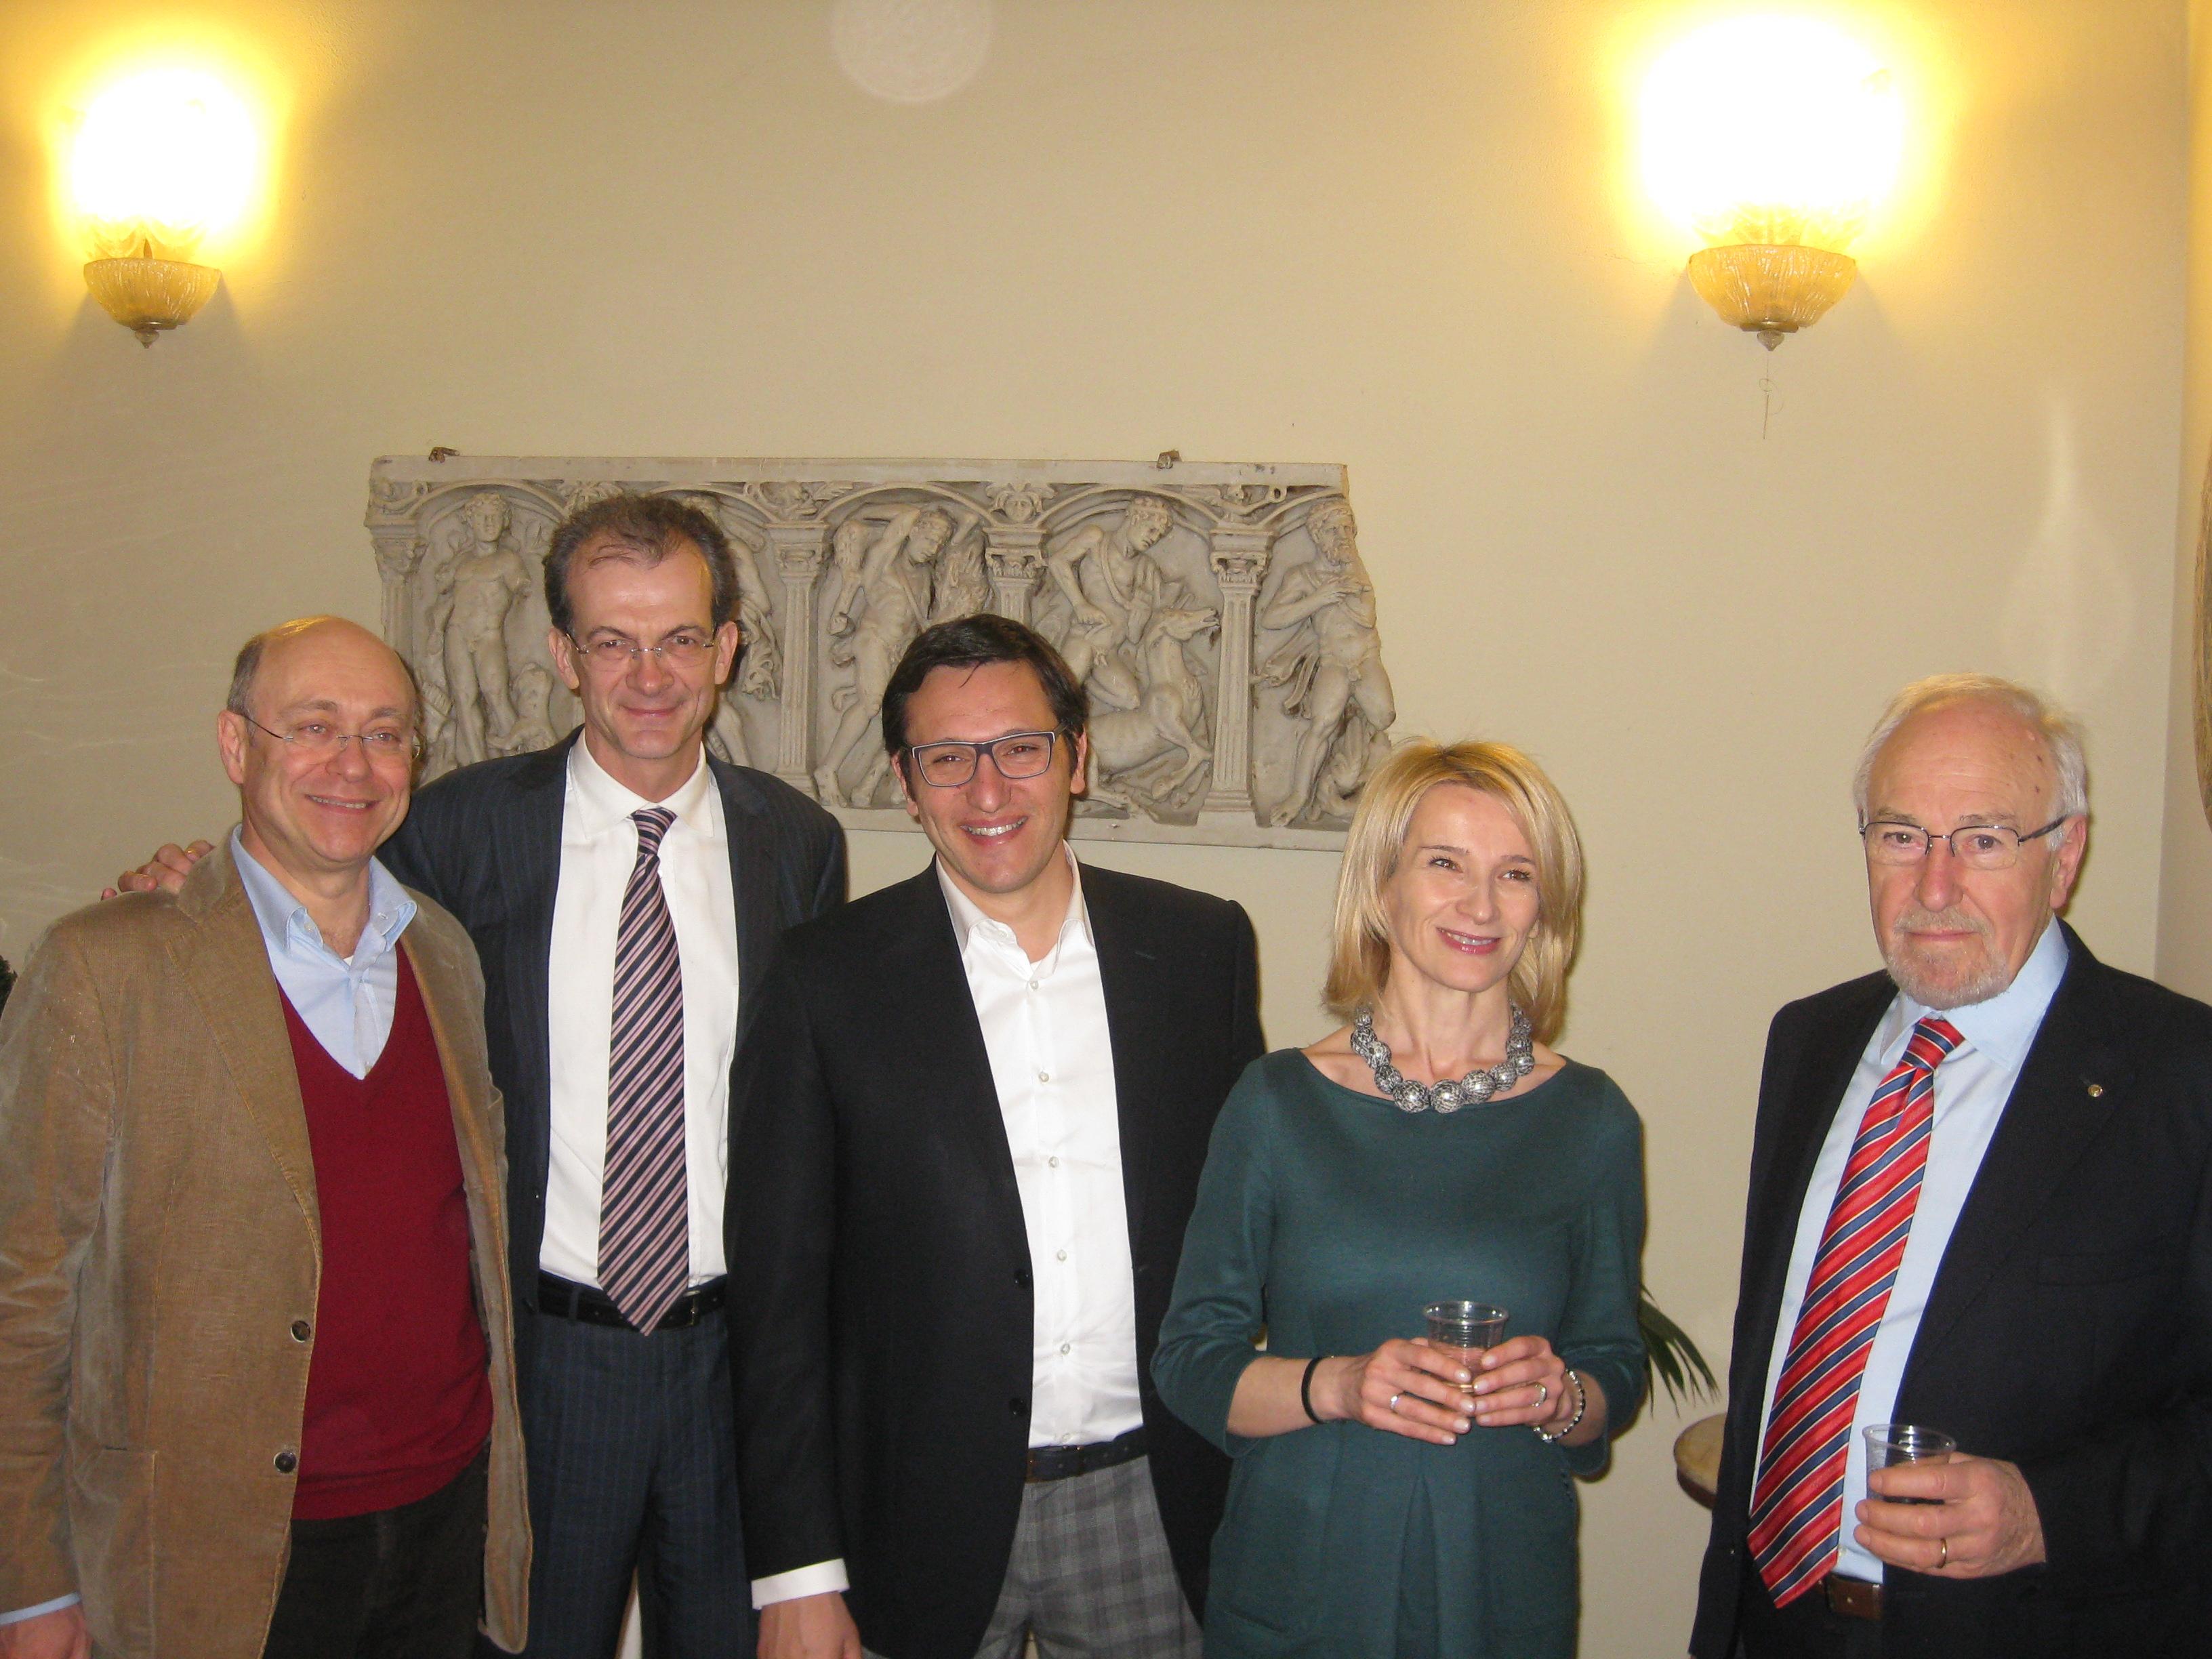 Da sinistra David Favia, Massimo Donati, Traiano Ruffo Campanelli, Paola Giorgi, Tiziano Campanelli